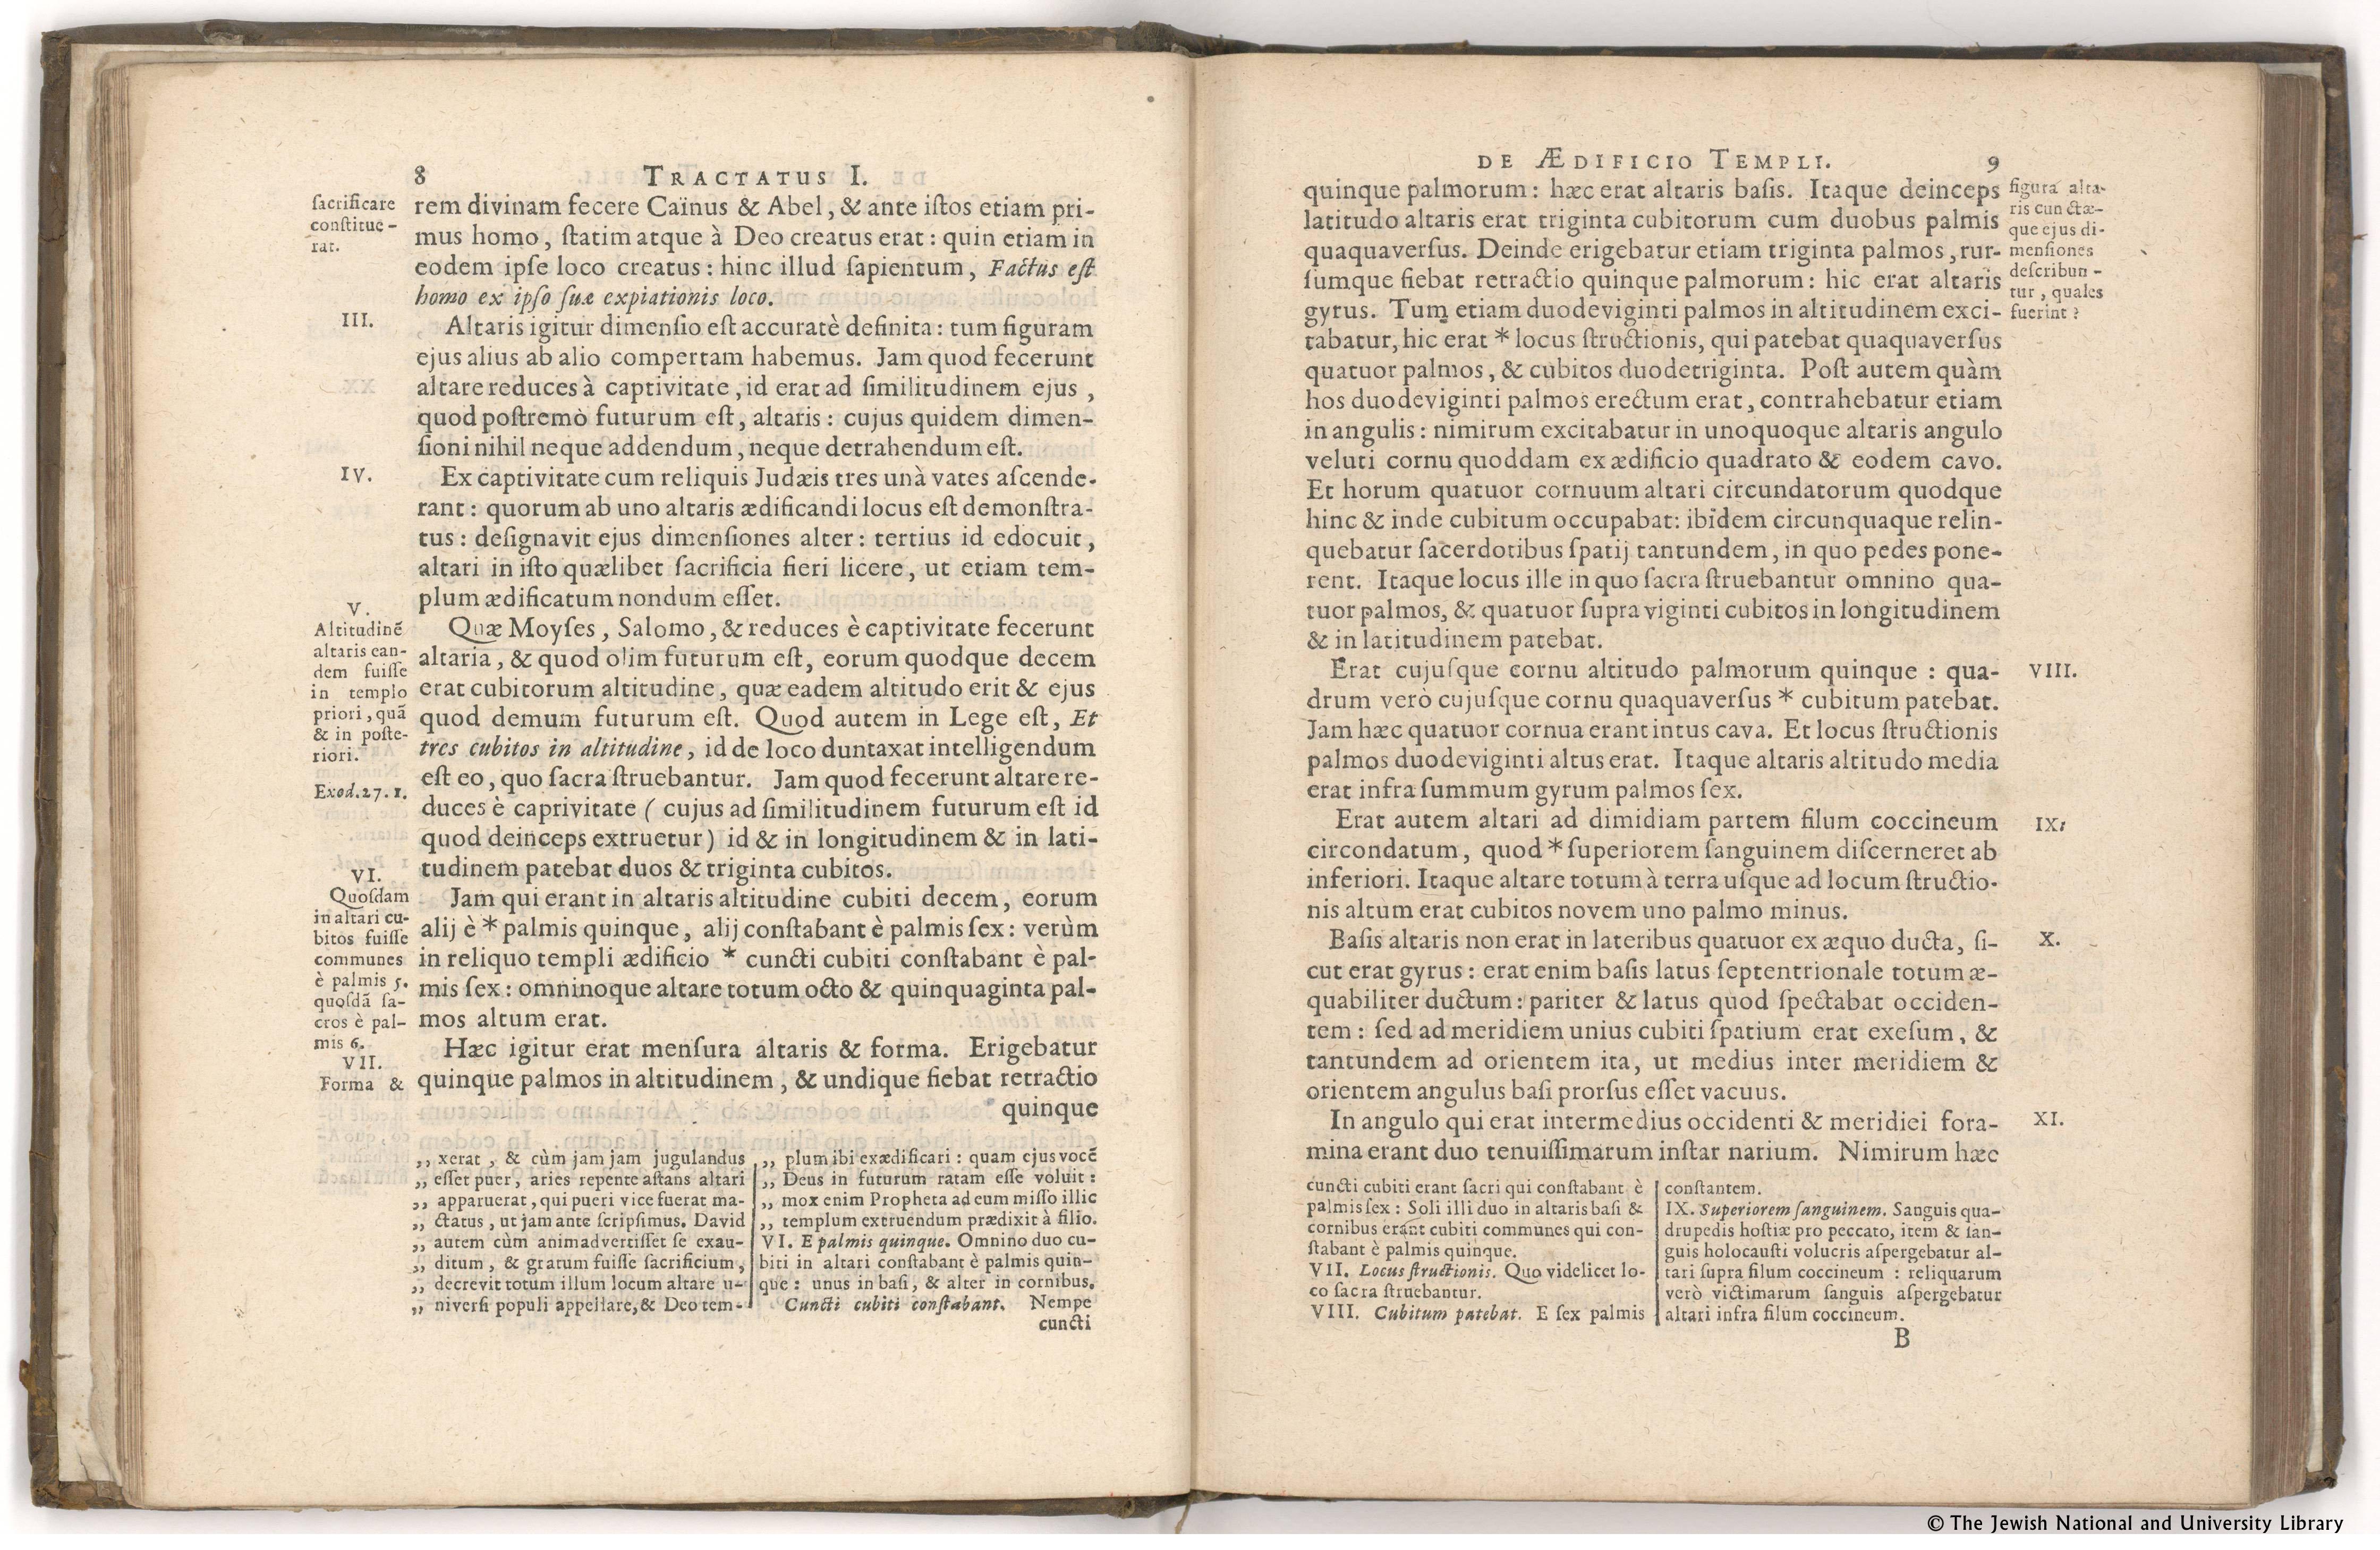 משה בן מימון - משנה תורה, ספר עבודה (1678)